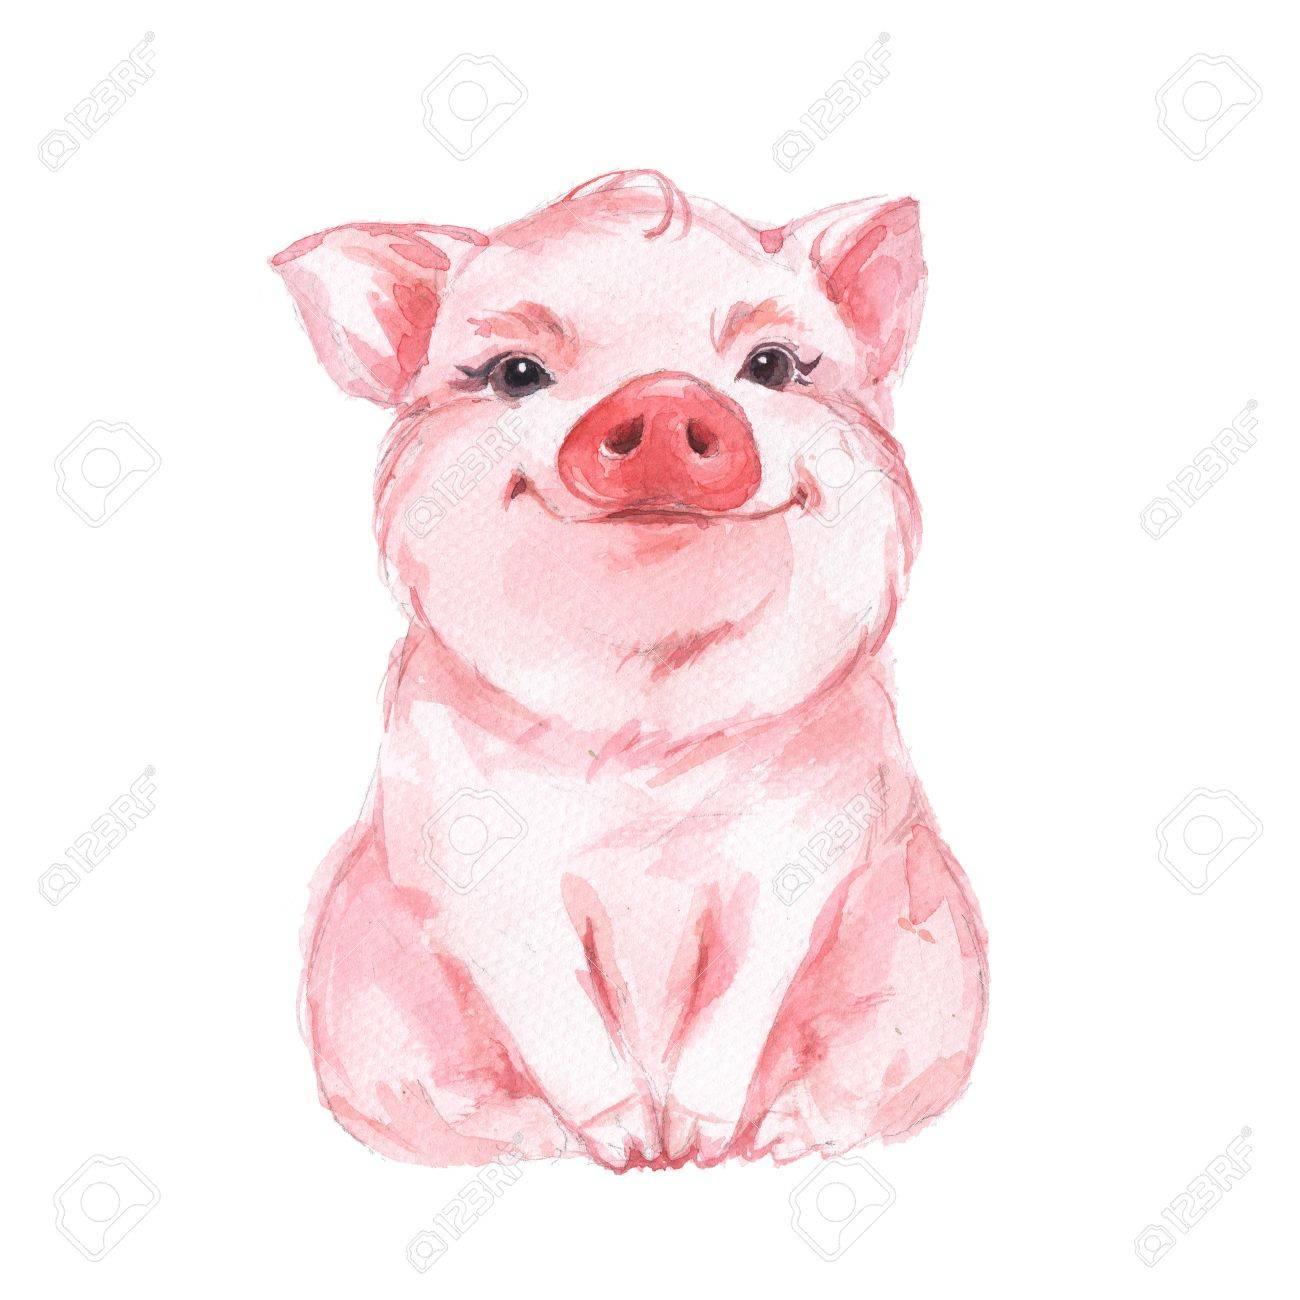 面白い豚かわいい水彩画イラスト の写真素材画像素材 Image 62199988